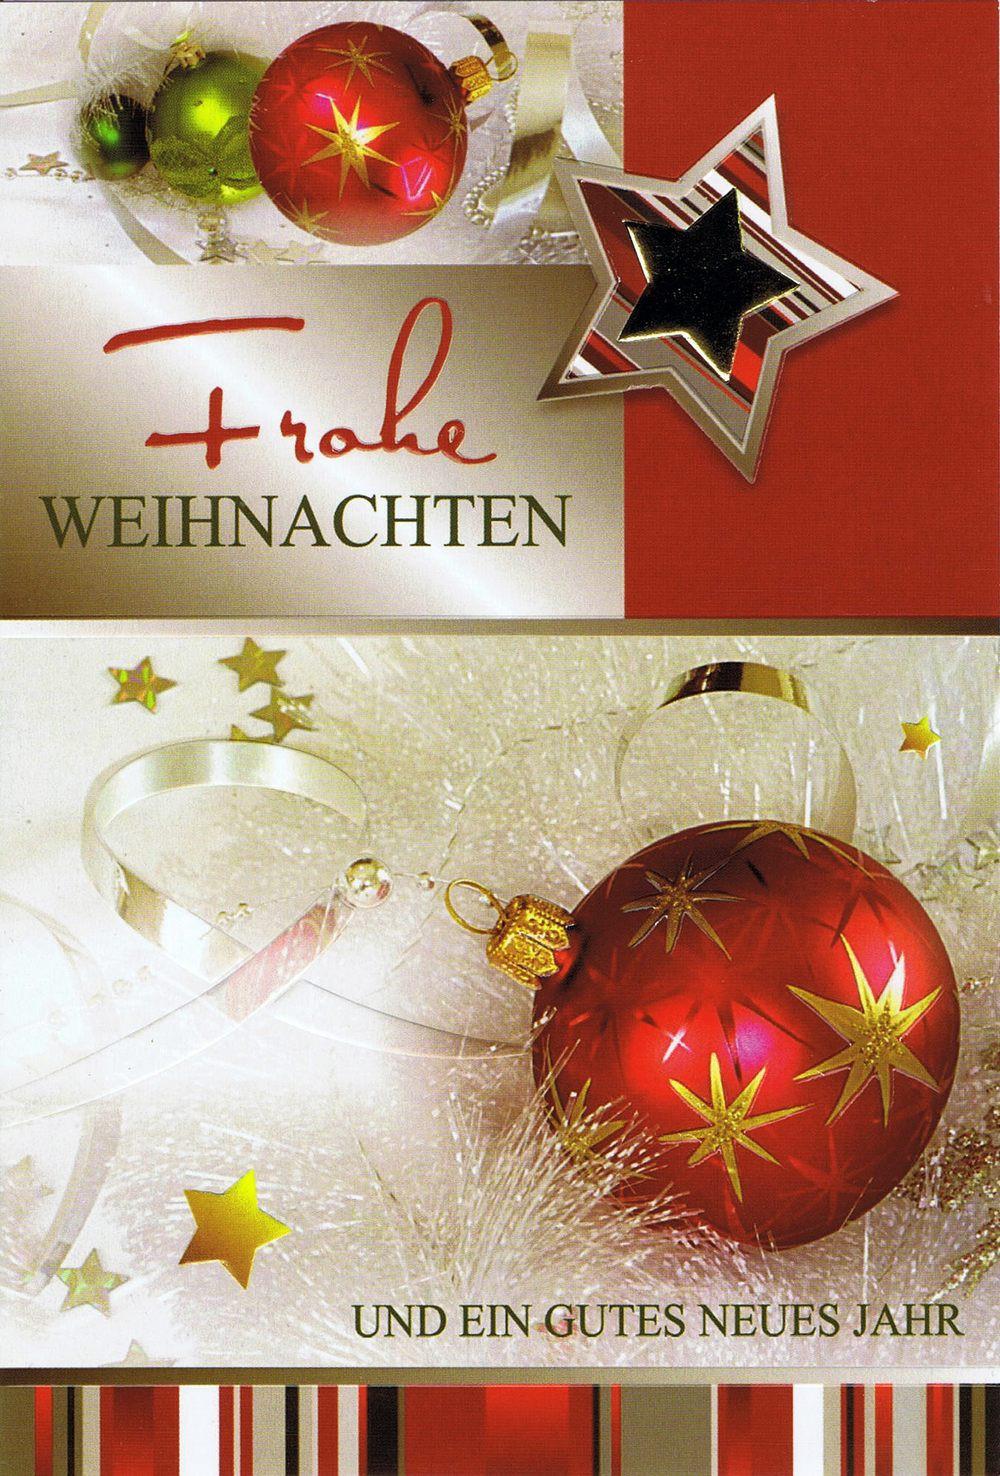 weihnachtskarte motiv weihnachtskugeln und sterne gold rot. Black Bedroom Furniture Sets. Home Design Ideas